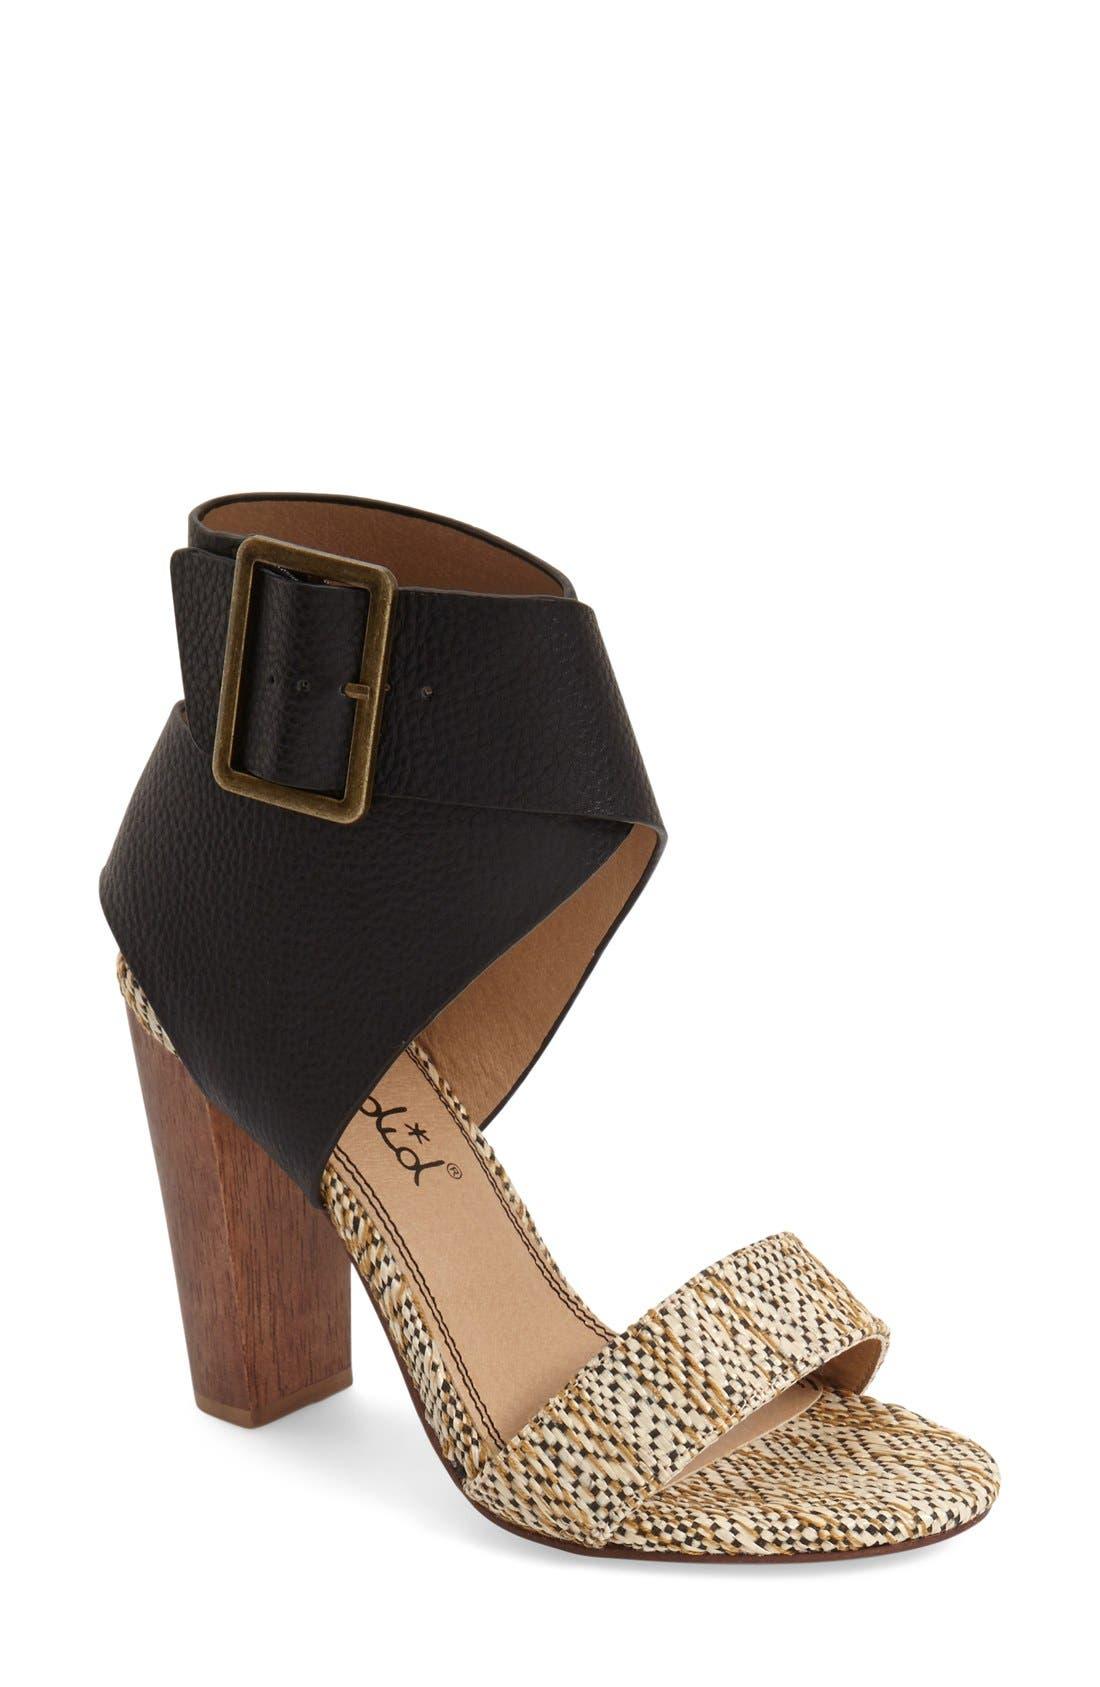 Main Image - Splendid 'Jayla' Ankle Cuff Sandal (Women)